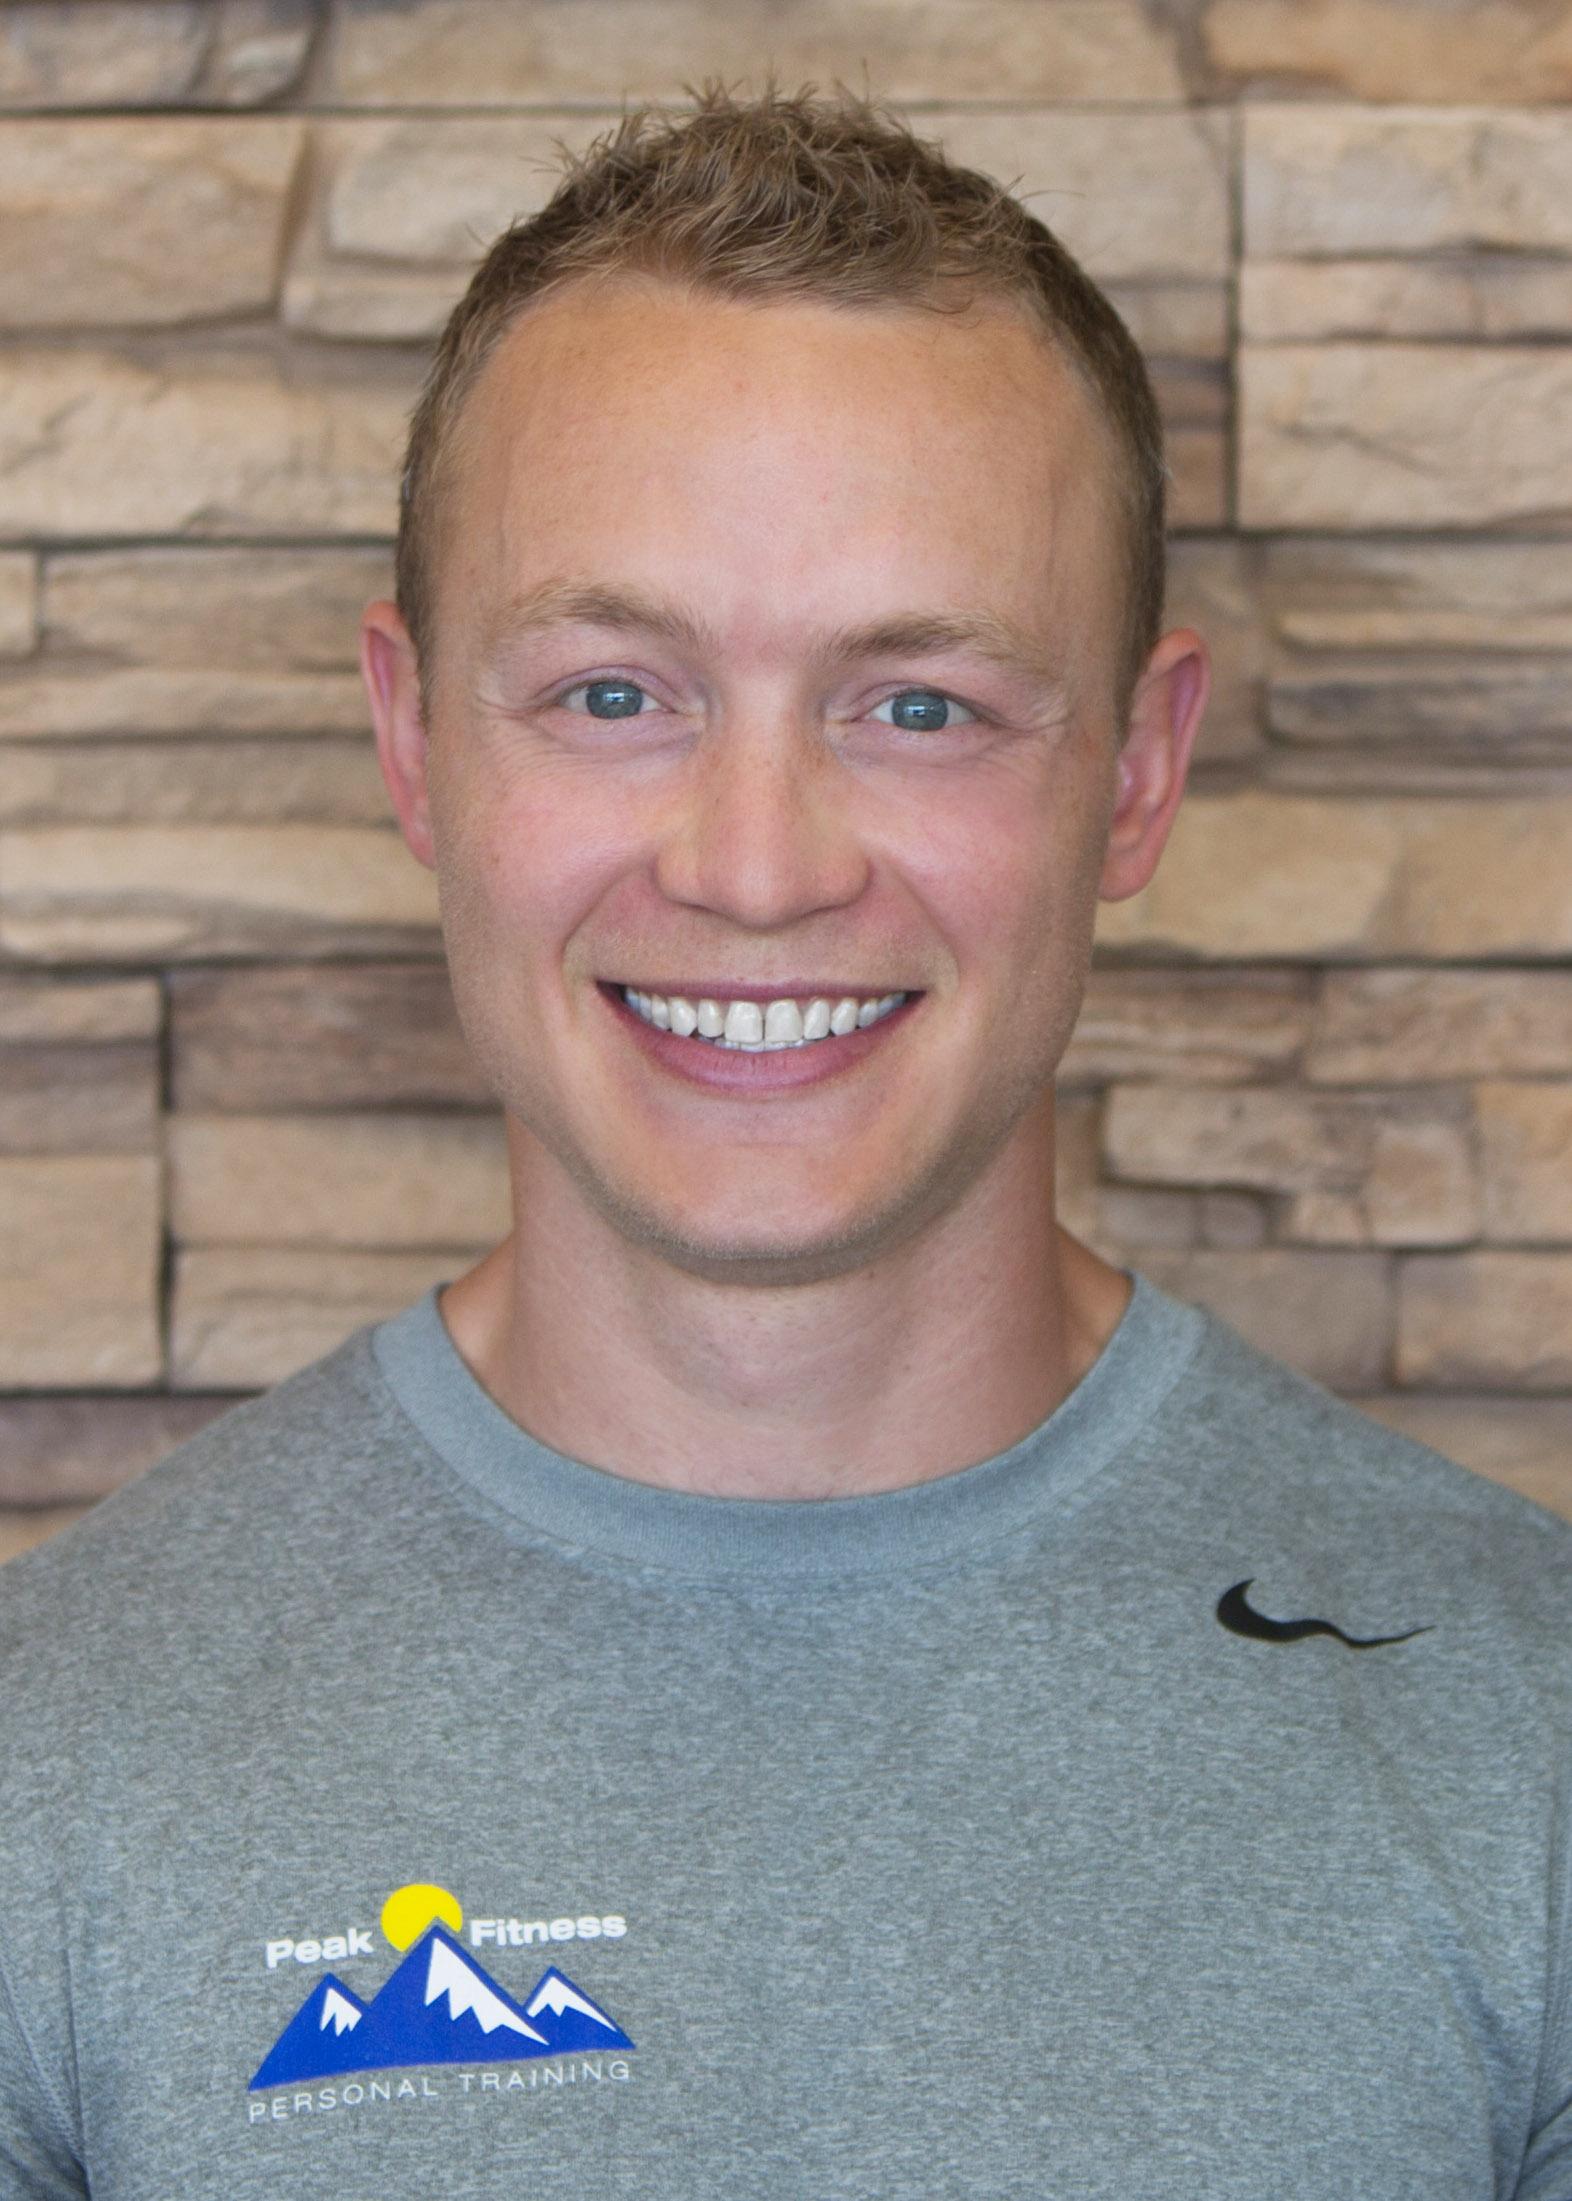 Kyle Shade